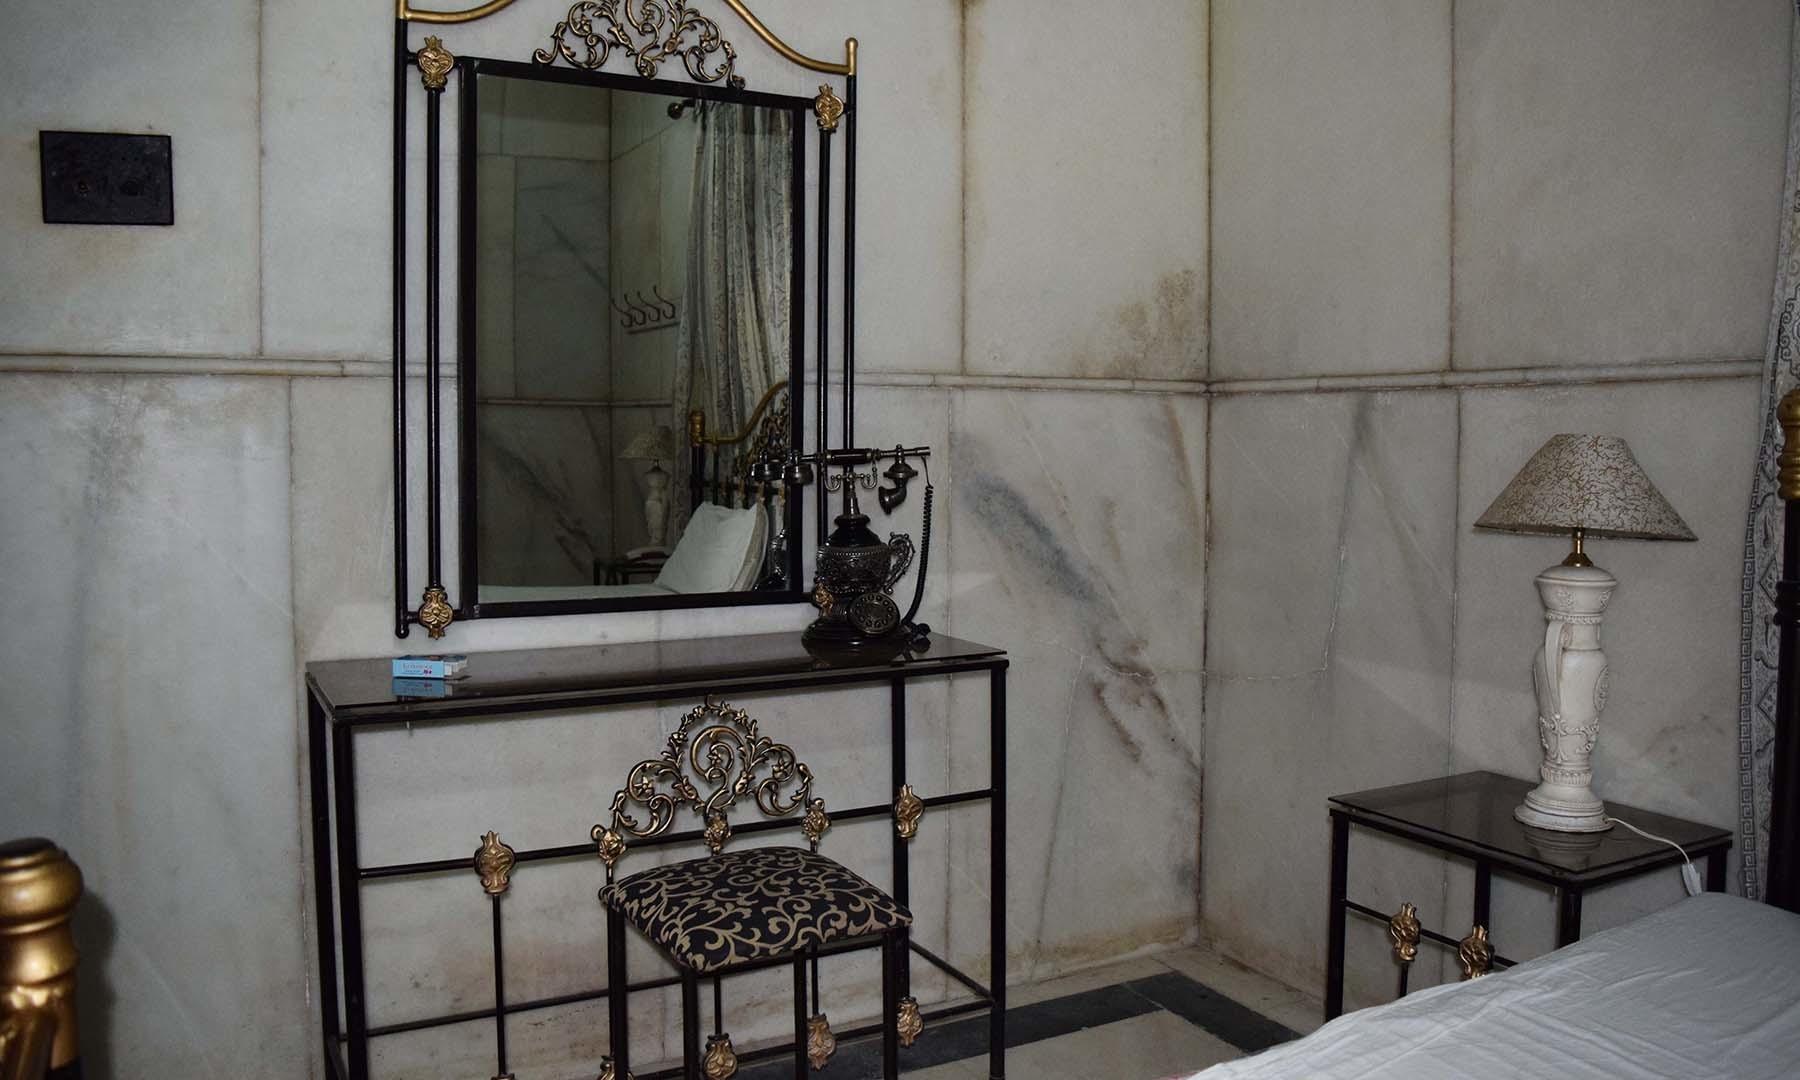 بادشاہ صاحب کے بیڈ روم کا ایک منظر۔